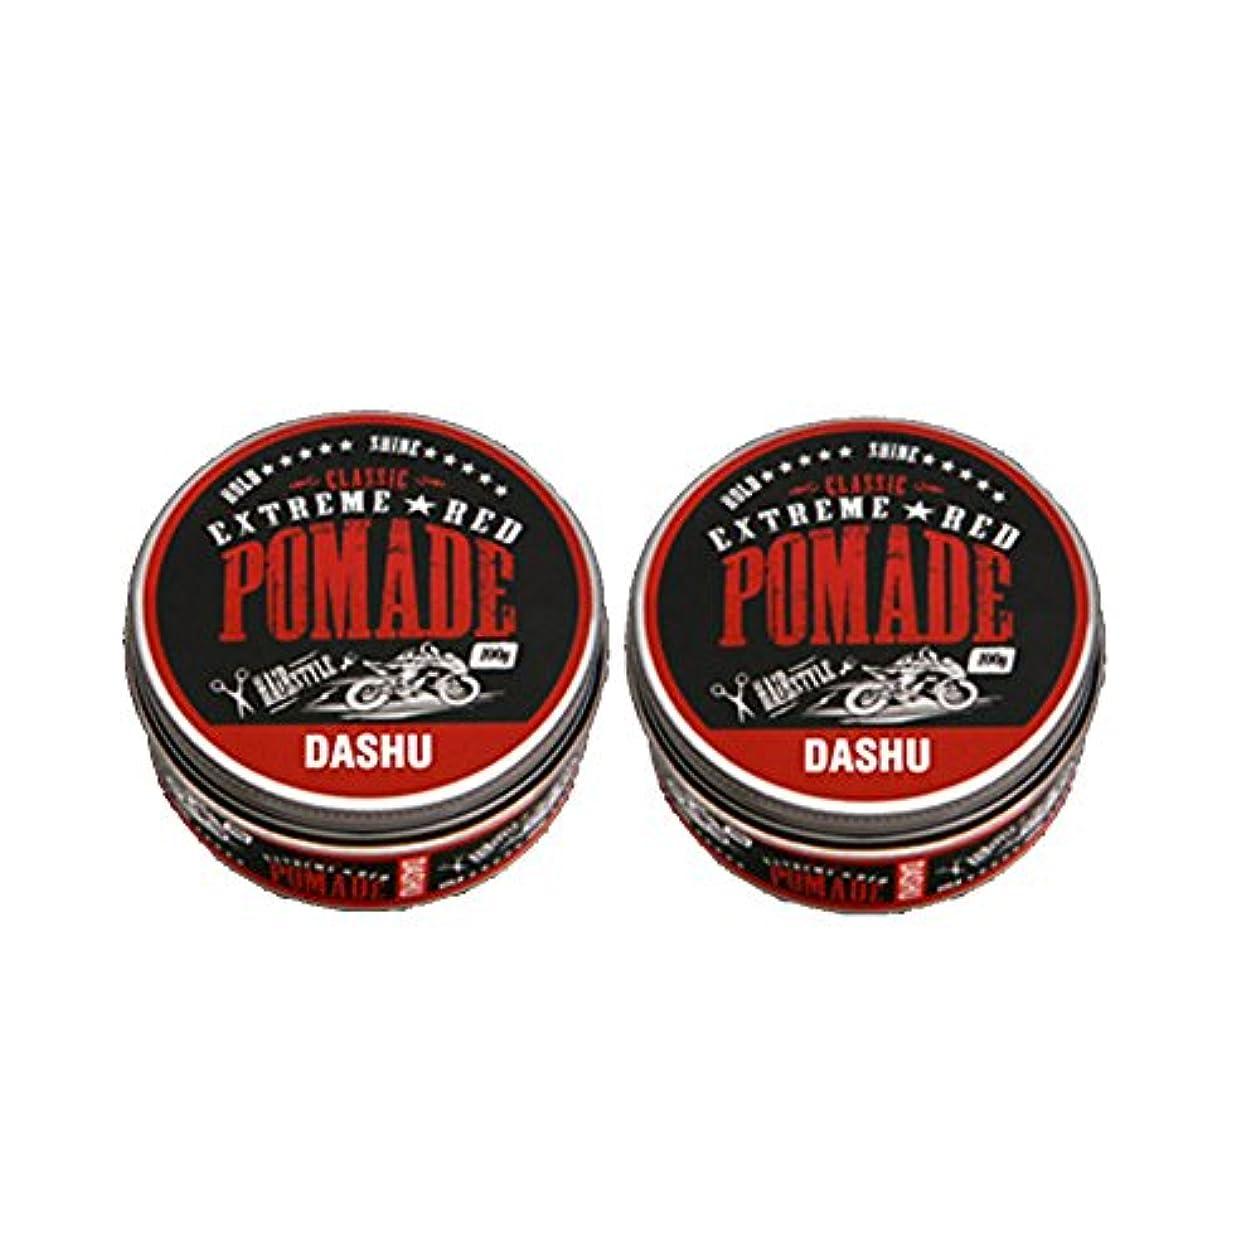 できればガム夜間(2個セット) x [DASHU] ダシュ クラシックエクストリームレッドポマード Classic Extreme Red Pomade Hair Wax 100ml / 韓国製 . 韓国直送品